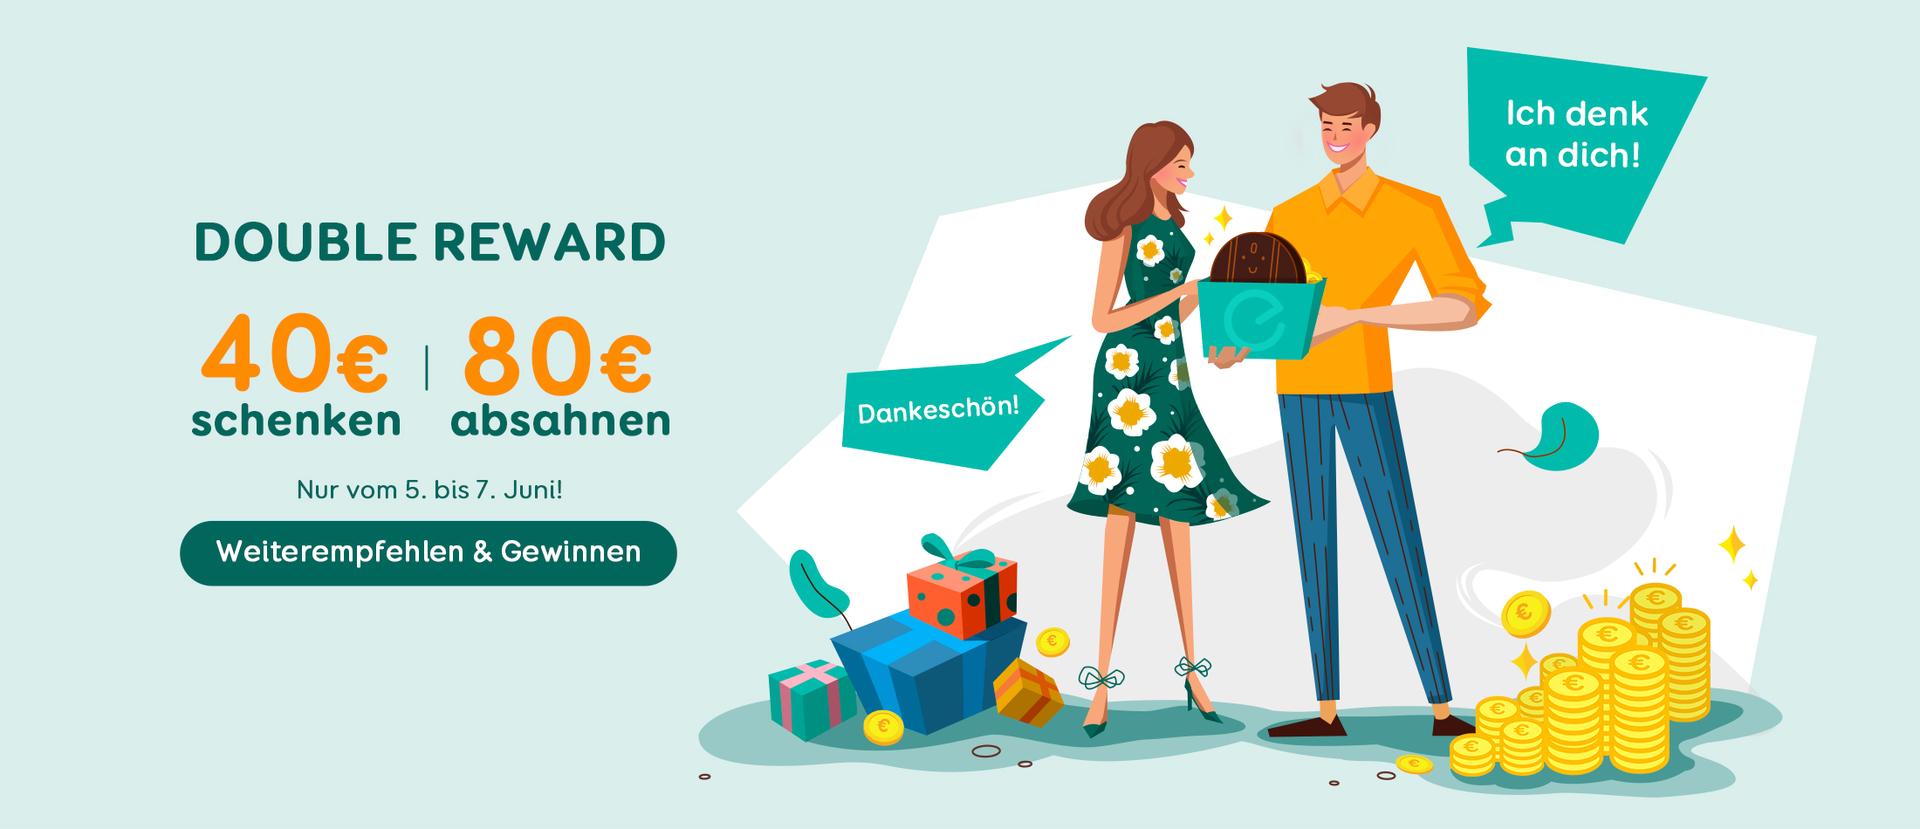 Saugroboter RoboVac 30 von Eufy by Anker für 179,99 (plus 80€ Amazon Gutscheinkarte) über Freundschaftsbonus möglich